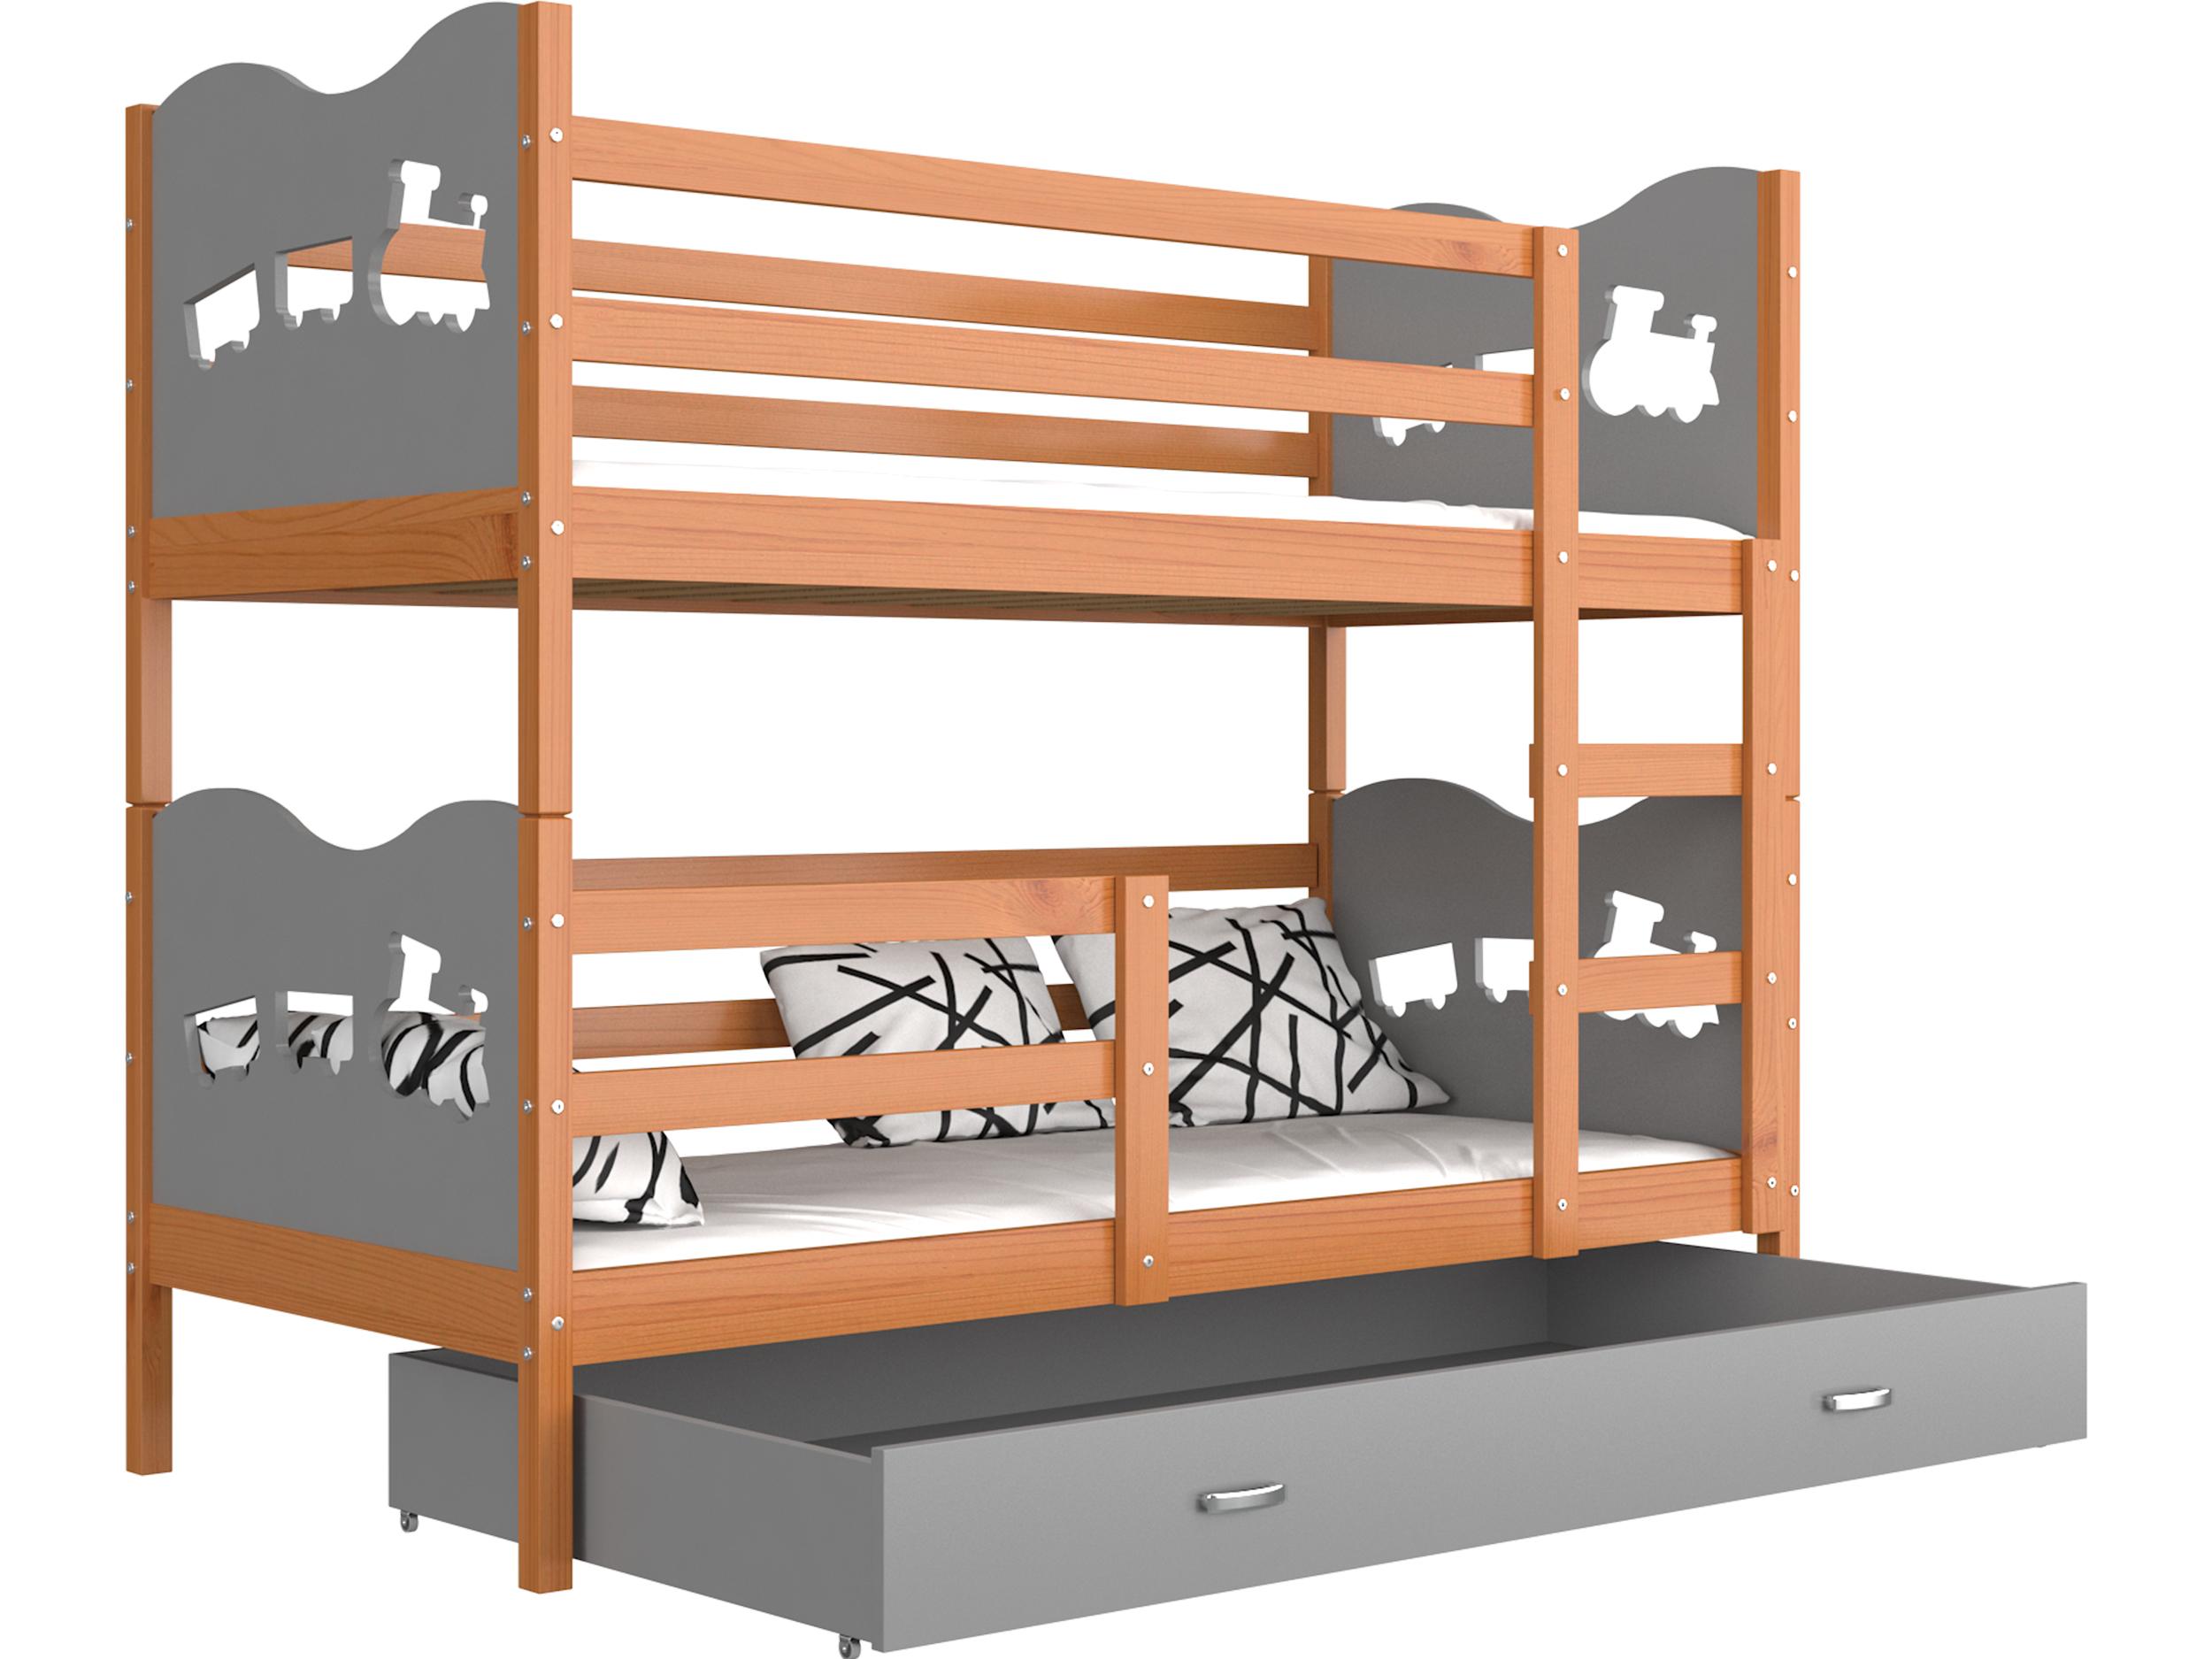 ArtAJ Detská poschodová posteľ MAX drevo / MDF 190 x 80 cm Farba: jelša / sivá 190 x 80 cm, s matracom